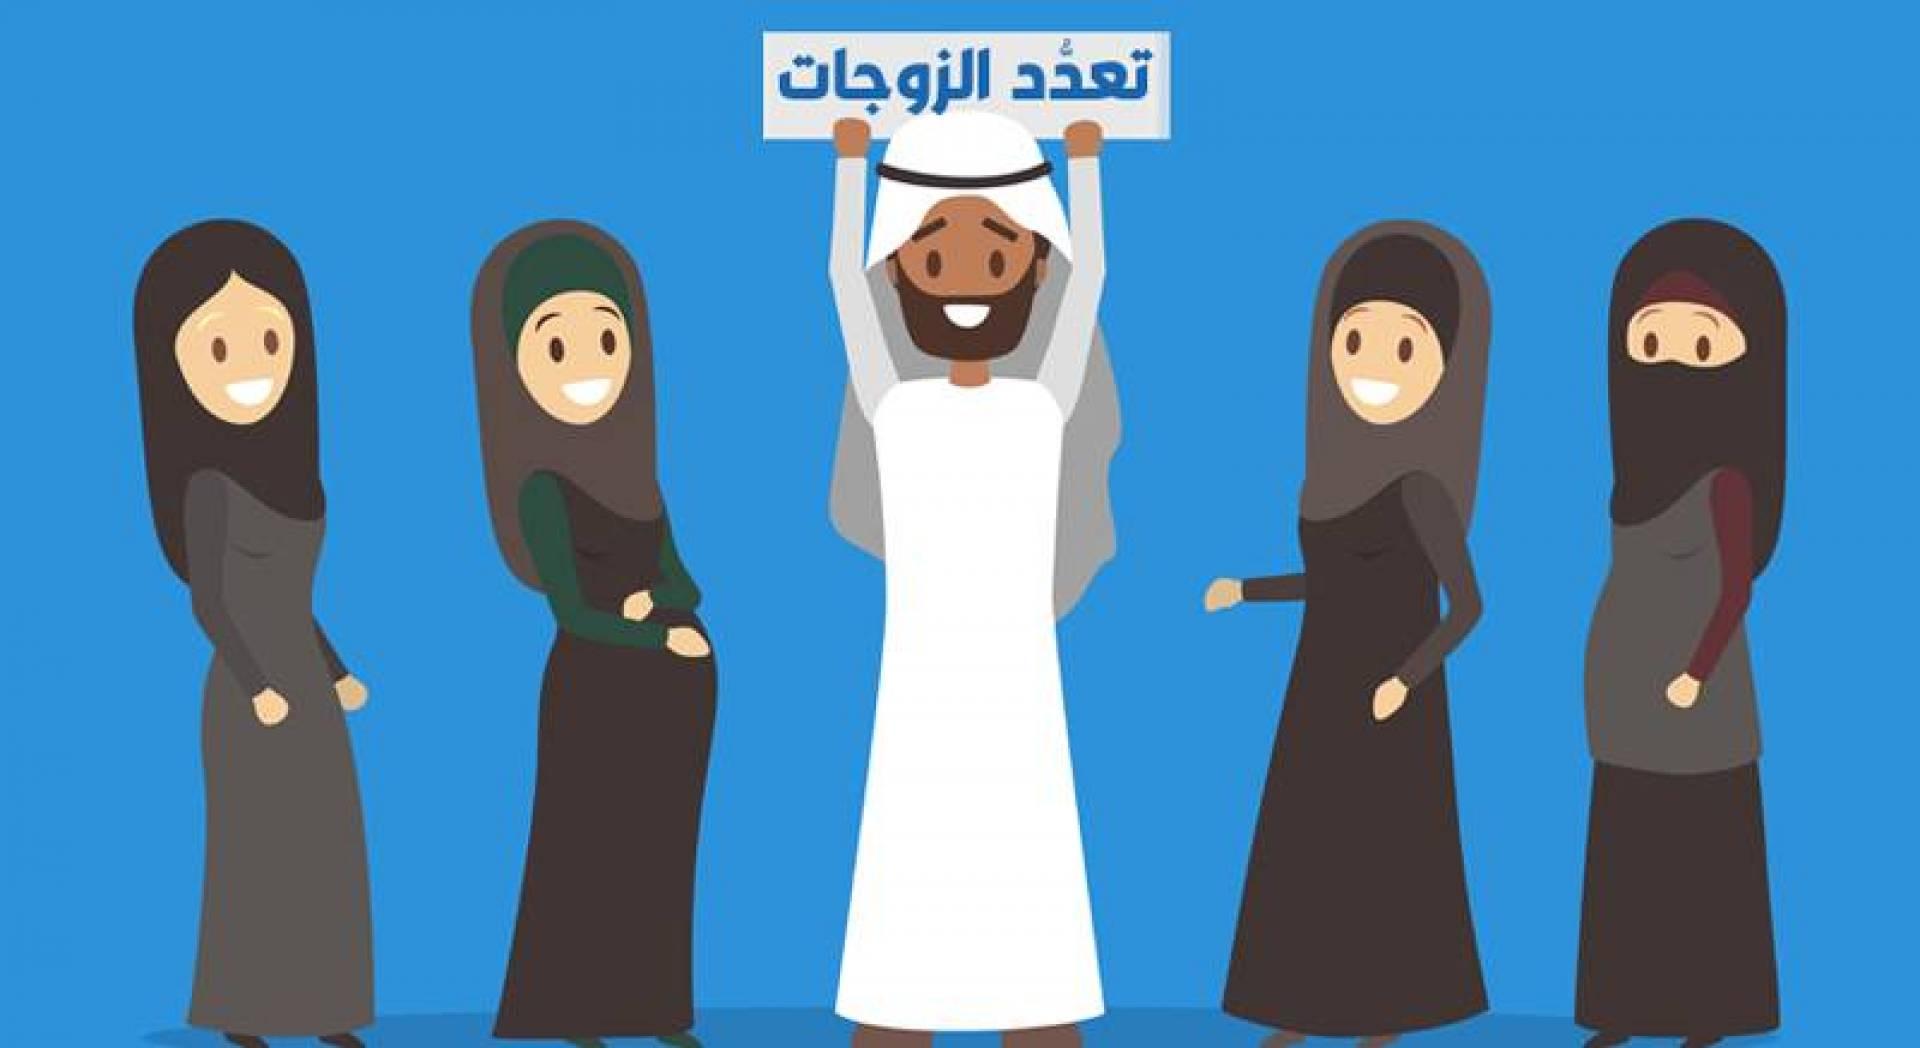 الكويتيون الأعلى خليجياً في تعدُّد الزوجات